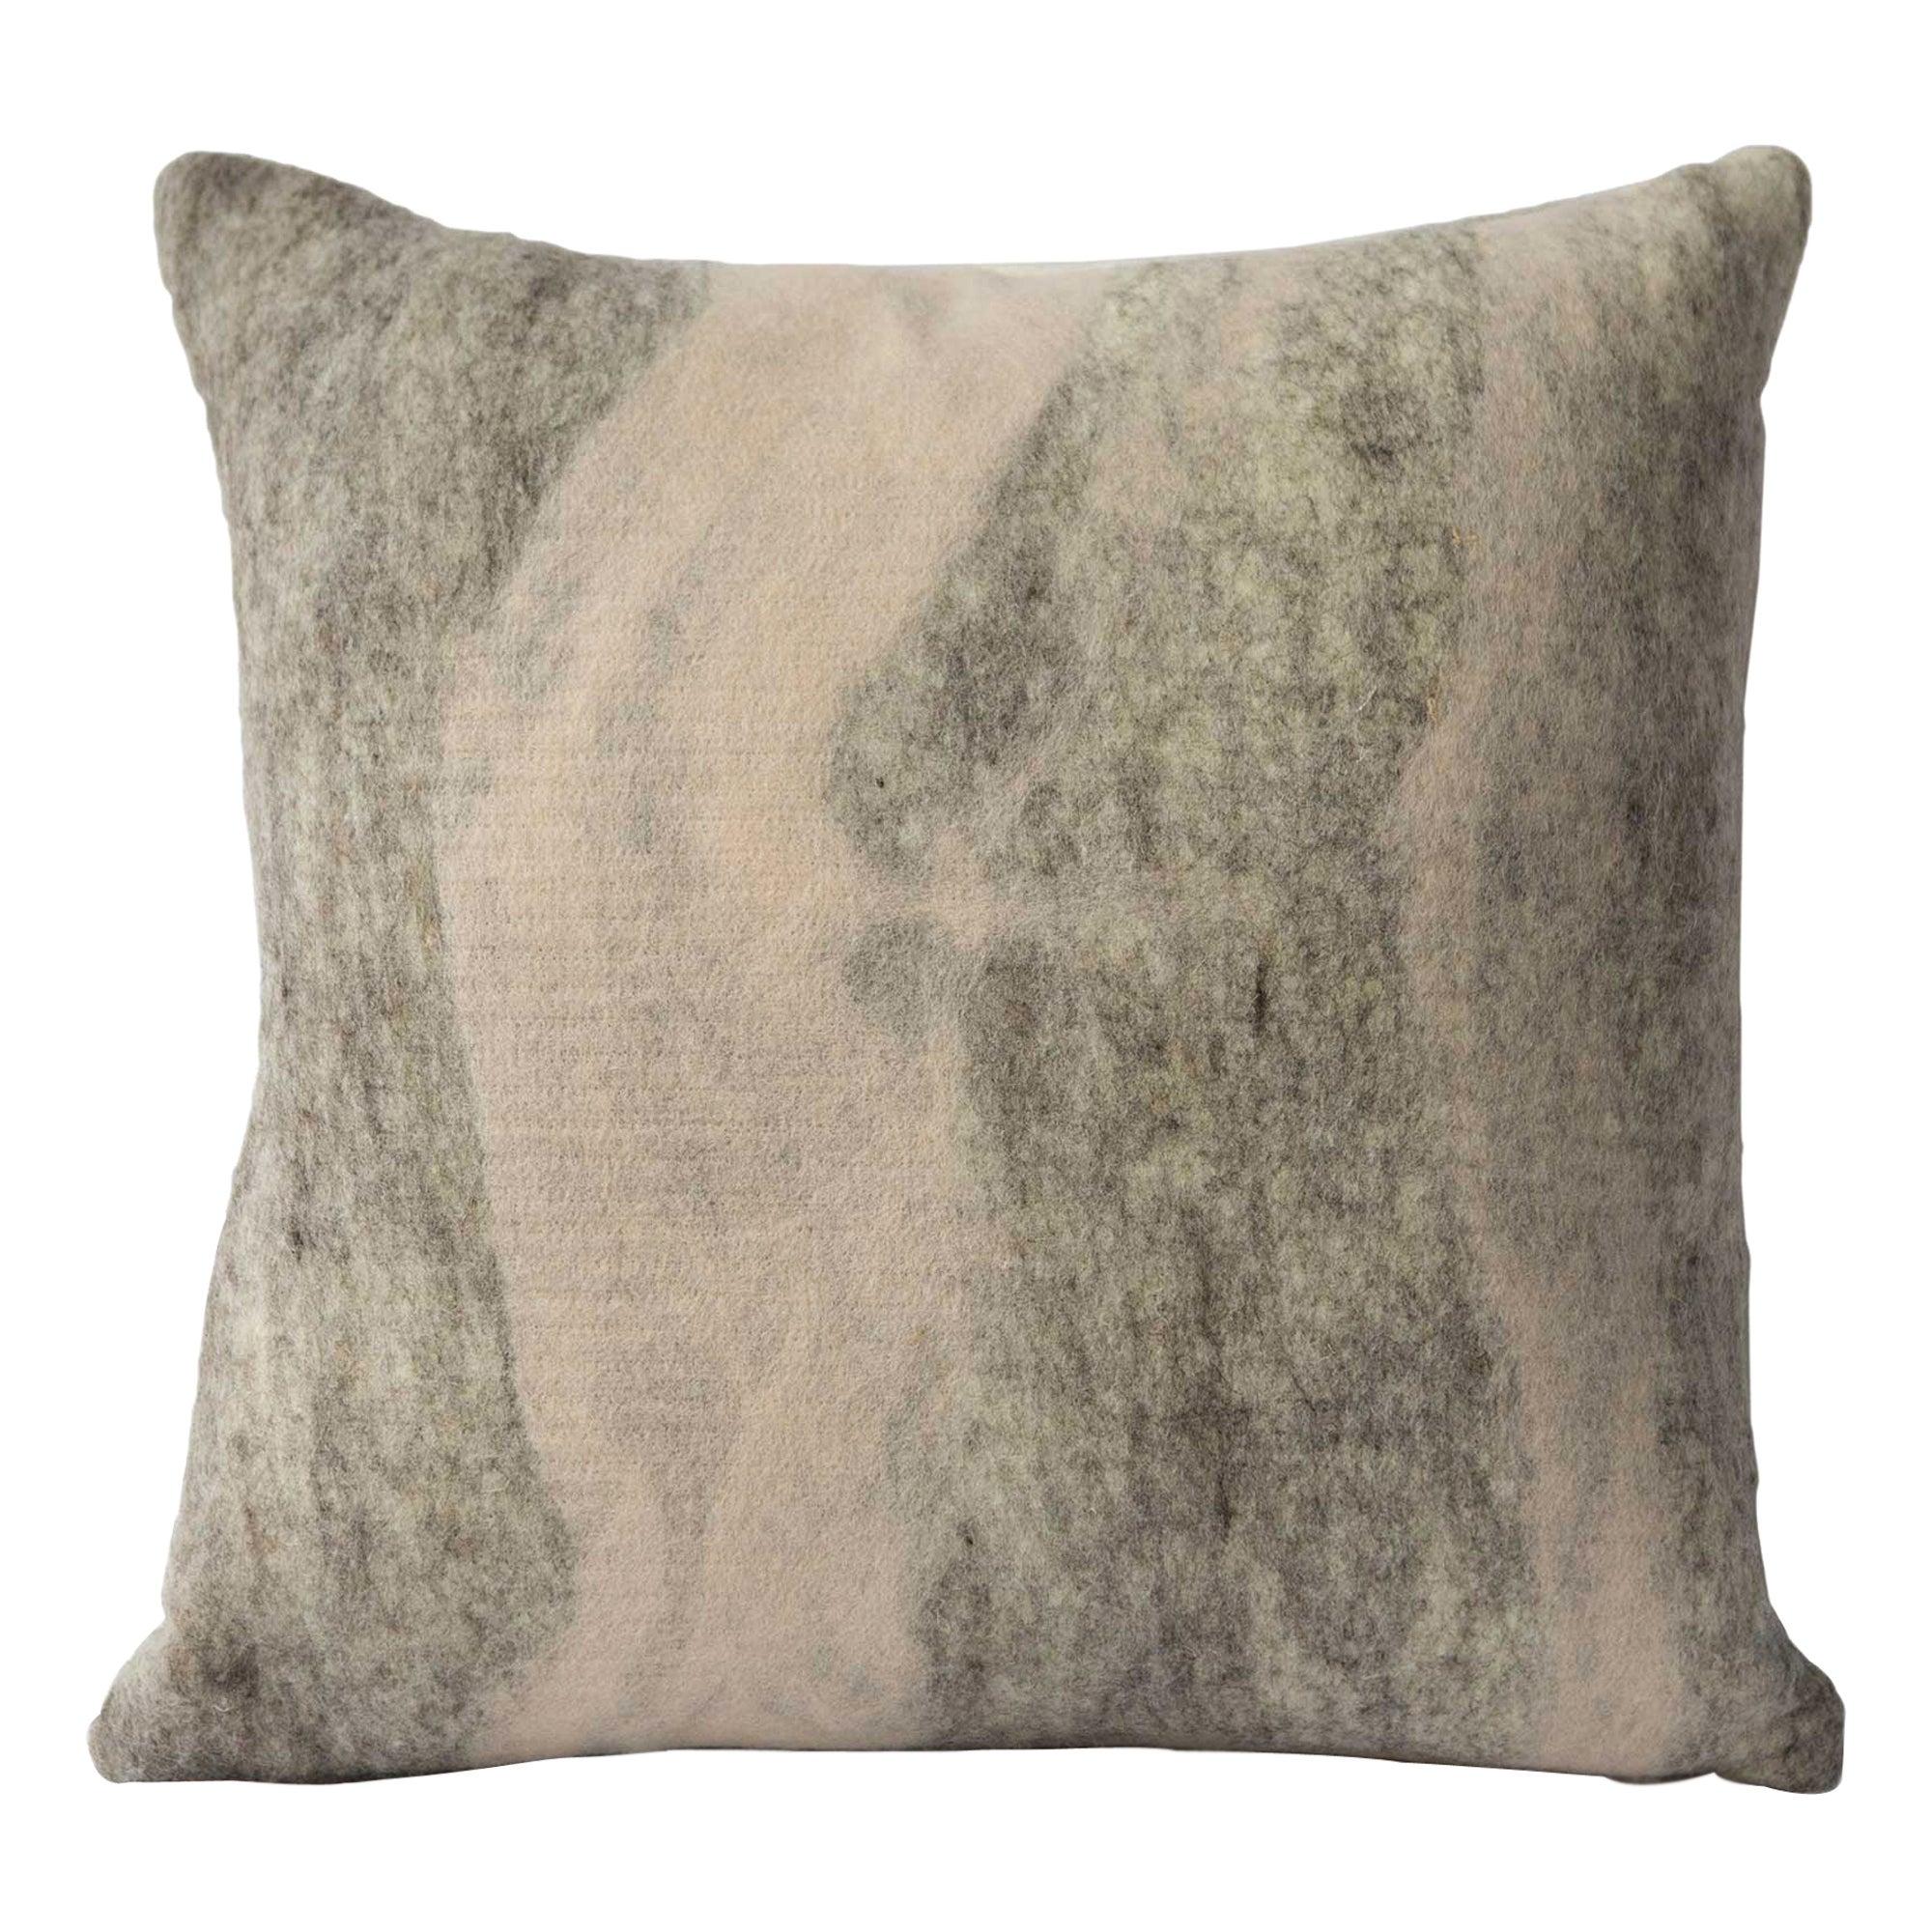 Shetland Wool Rose Pillow, Medium - Heritage Sheep Collection